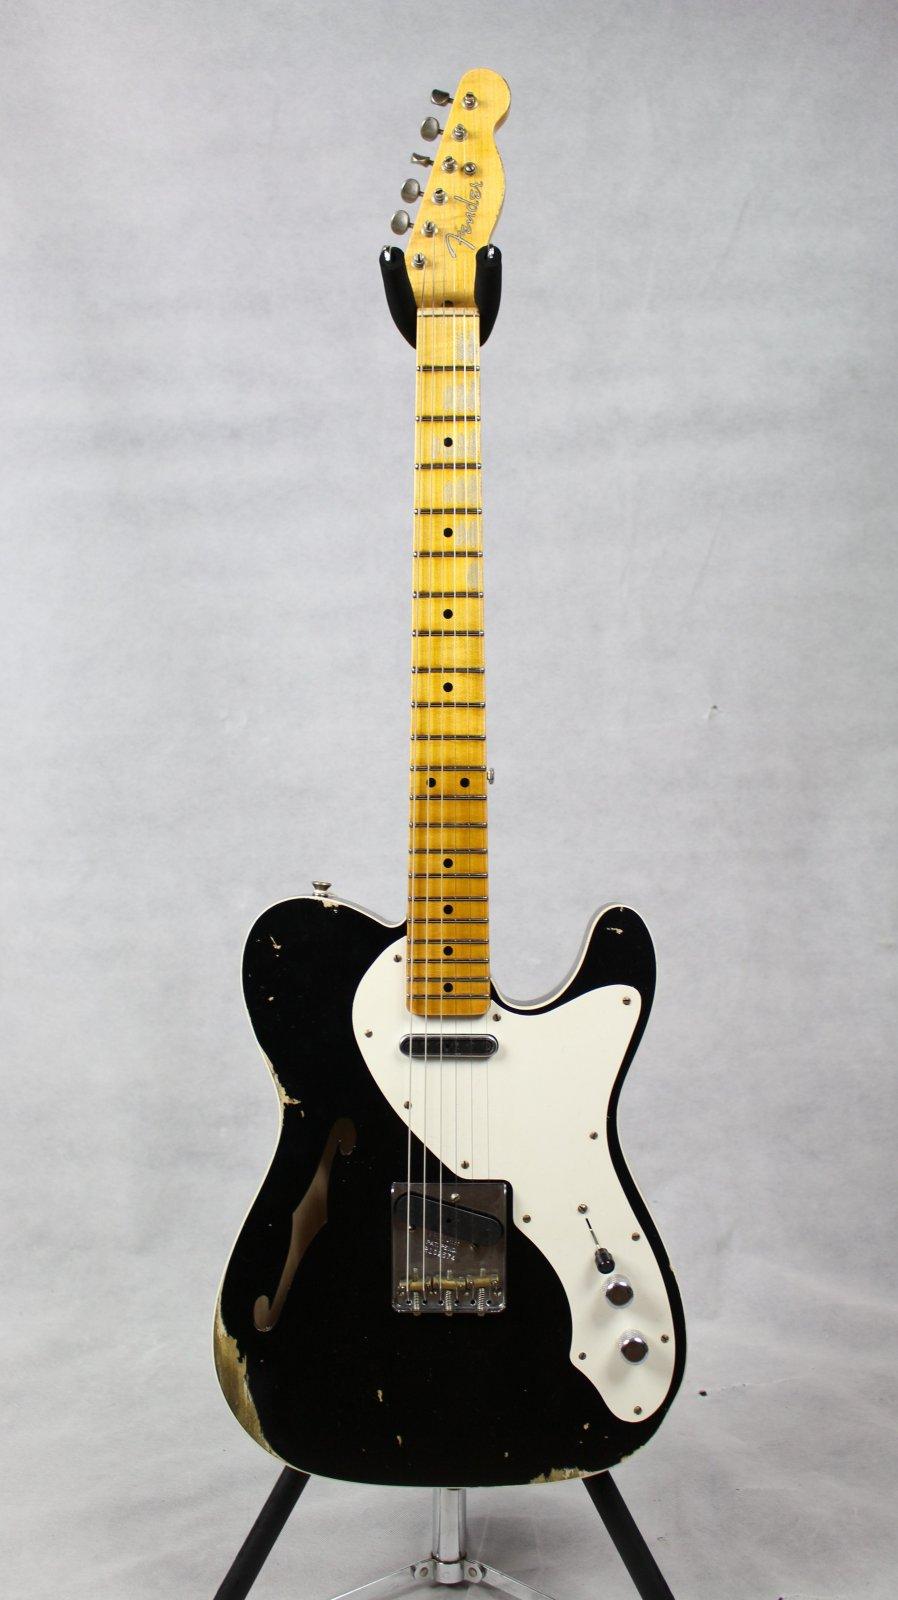 Fender Custom Shop LTD Loaded Thinline Nocaster Reliced Aged Black